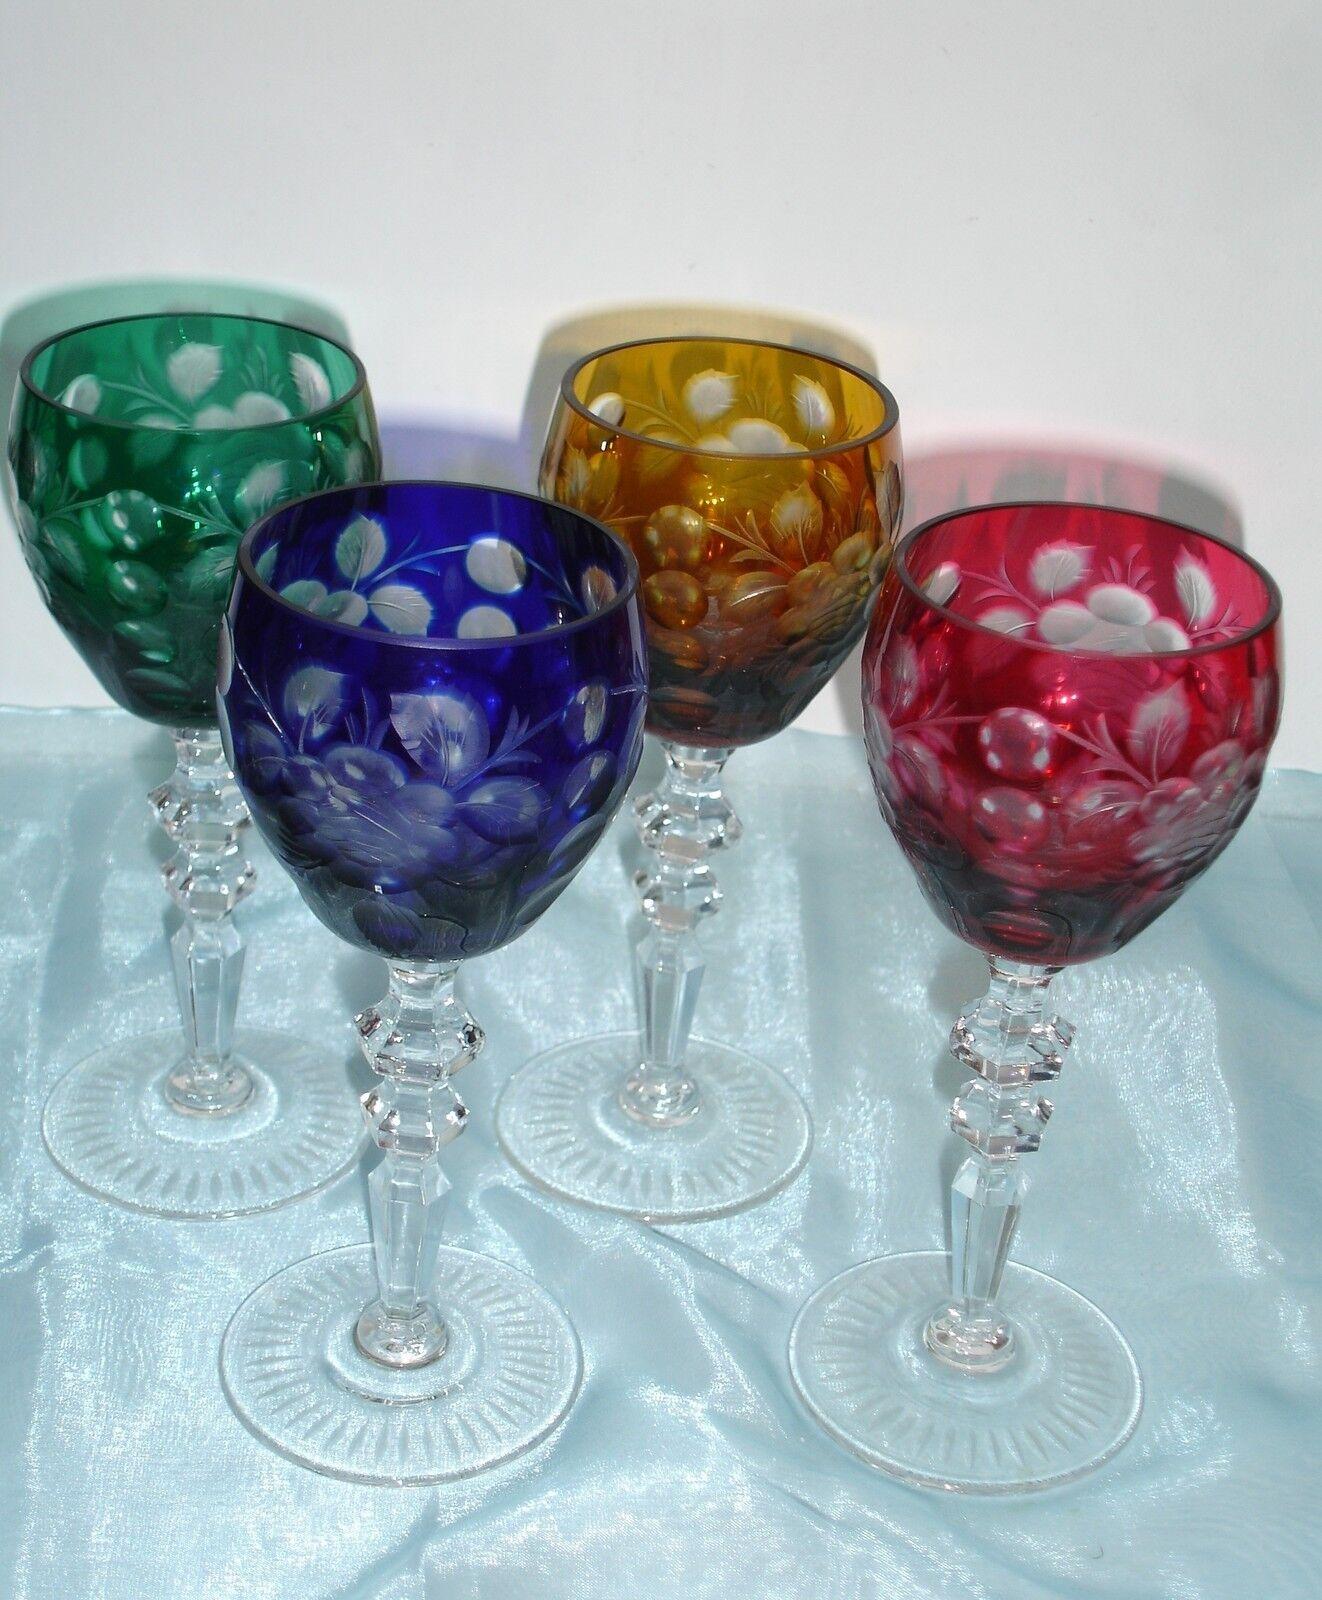 4 cristal romains, en couleur, avec taille d'une rose  bleikristall  überfang verre